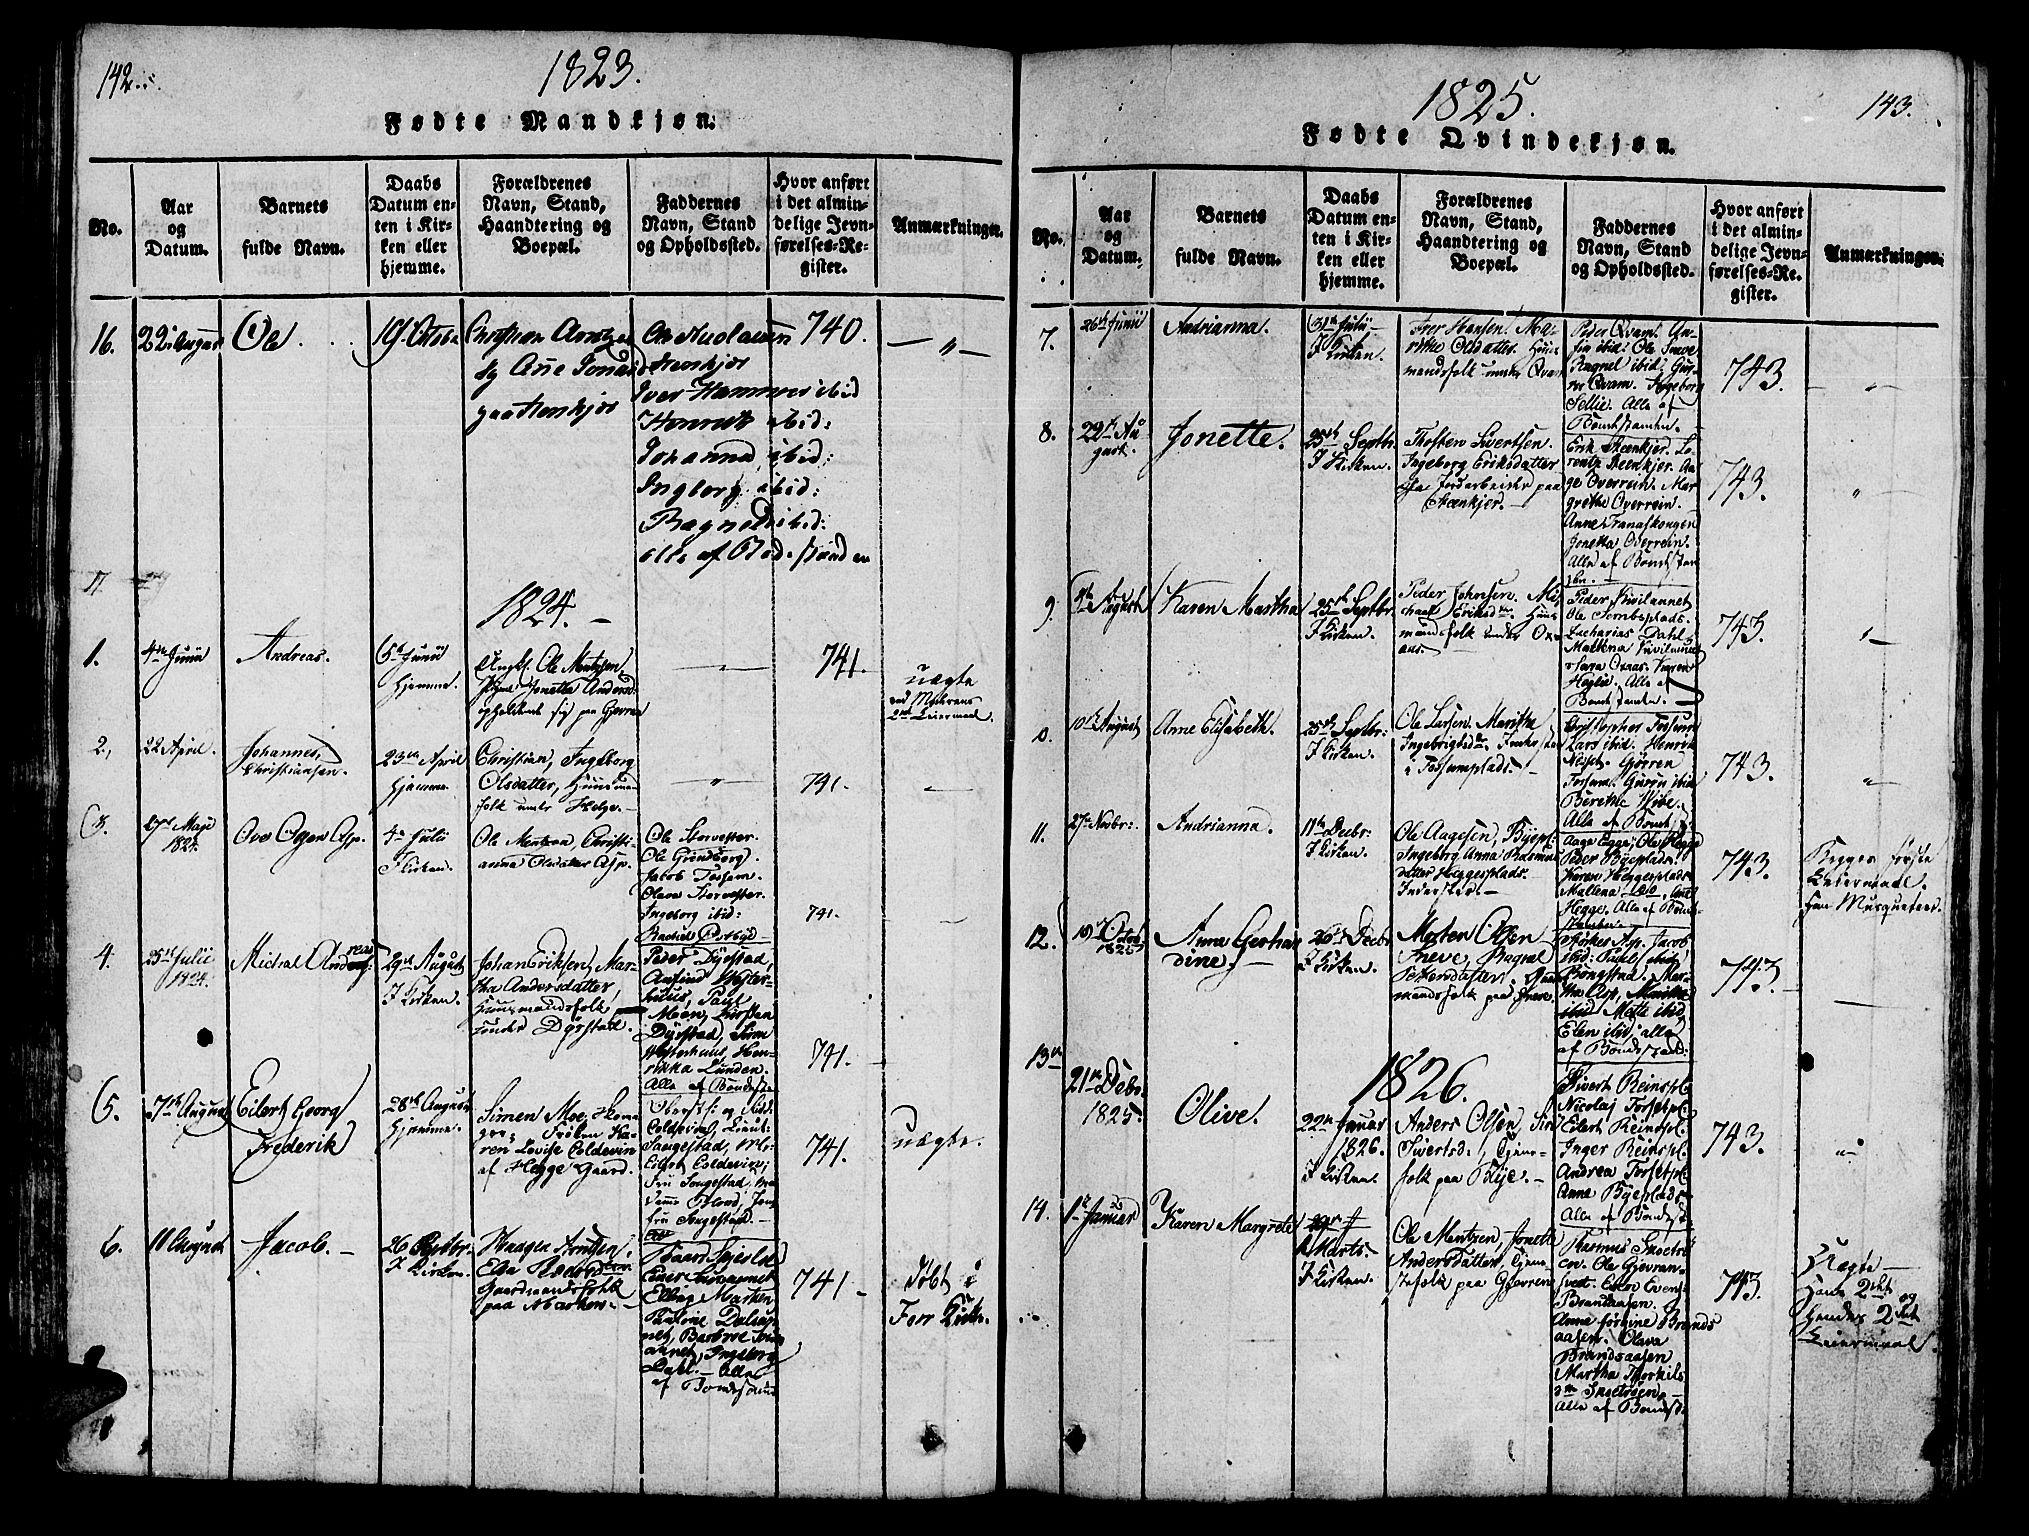 SAT, Ministerialprotokoller, klokkerbøker og fødselsregistre - Nord-Trøndelag, 746/L0441: Ministerialbok nr. 736A03 /3, 1816-1827, s. 142-143